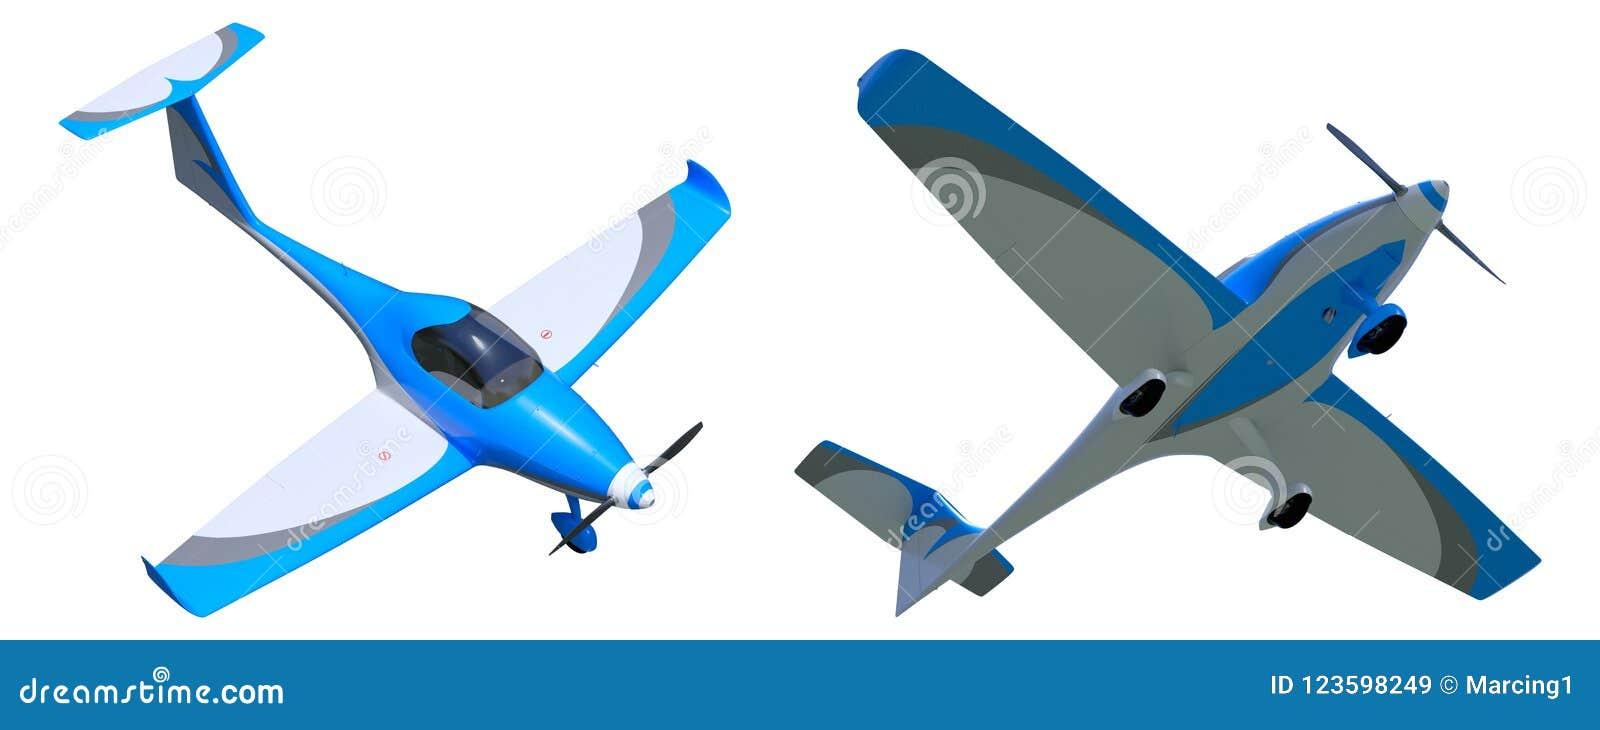 Light General Aviation Aircraft 3d Model Stock Illustration